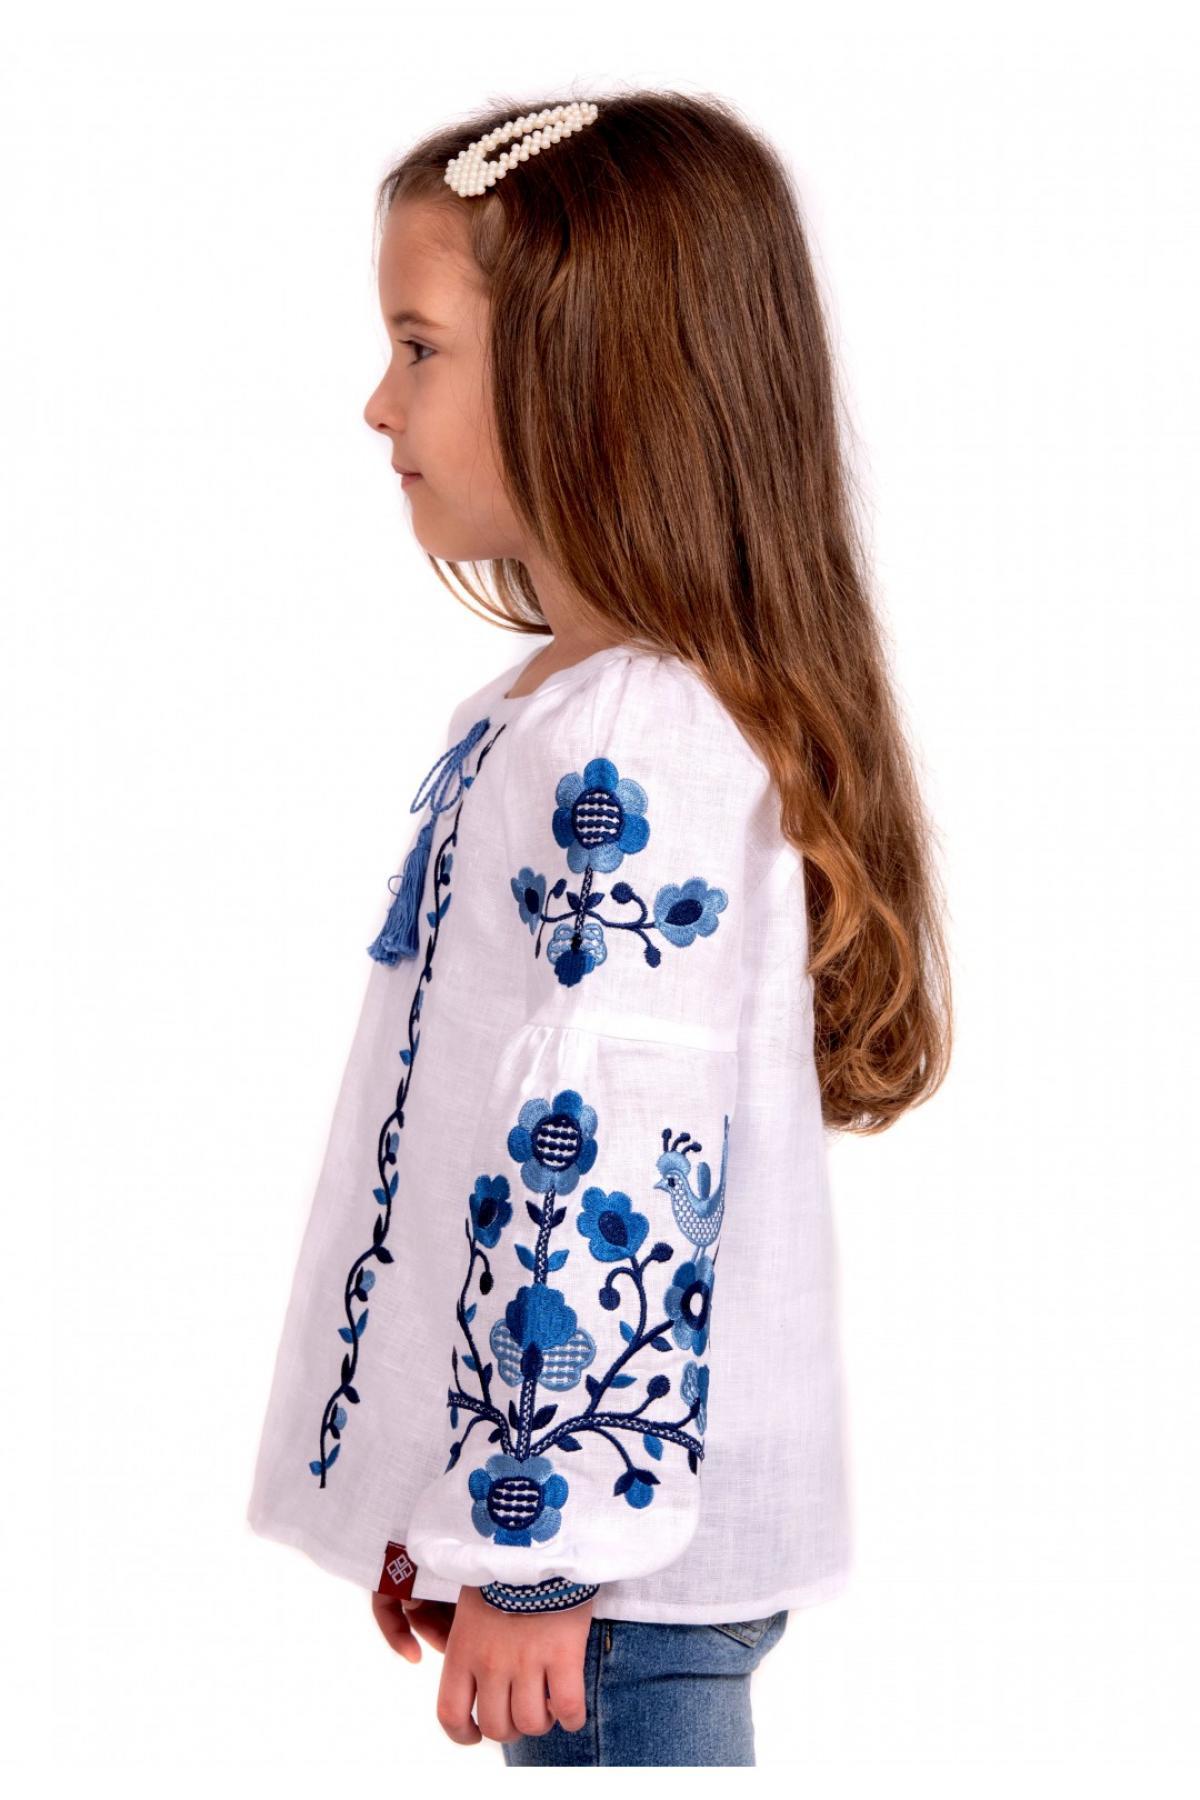 Вишиванка для дівчинки біла з синьою вишивкою. Фото №4. | Народний дім Україна